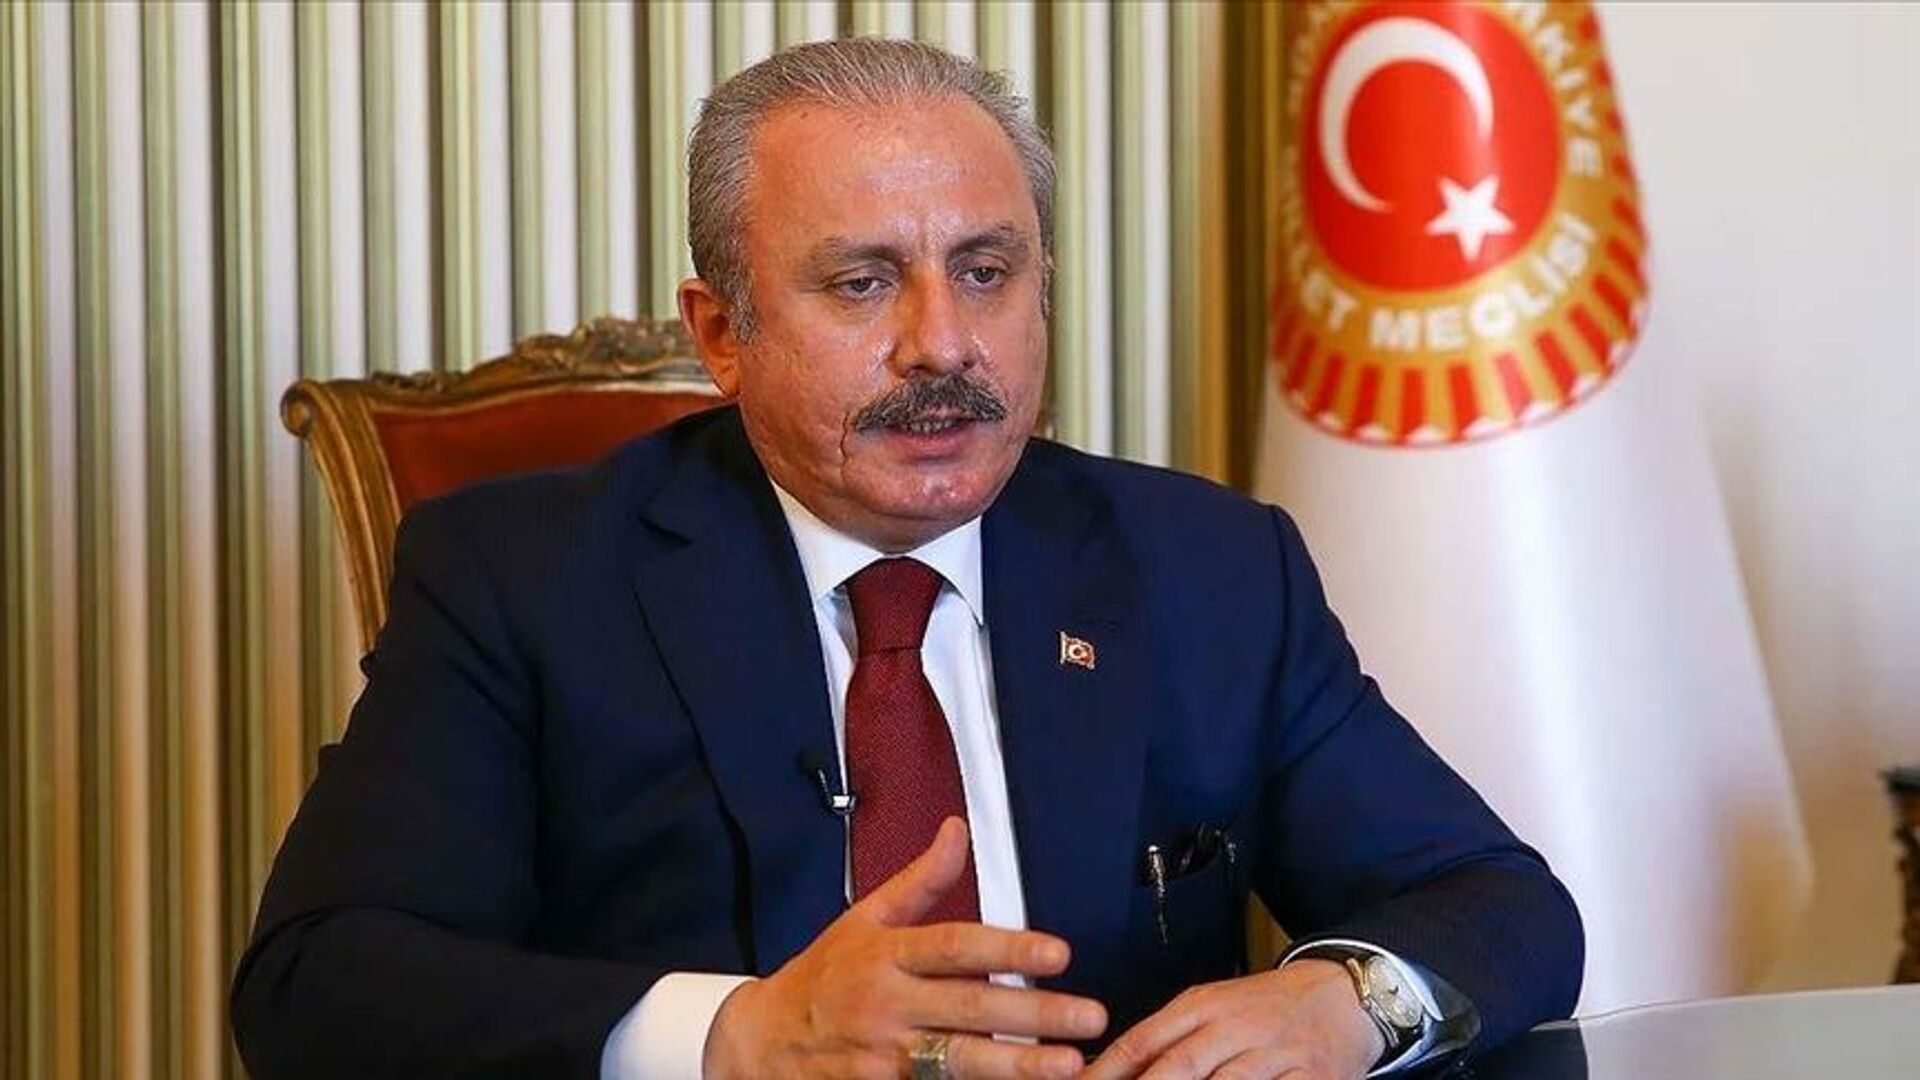 Mustafa Şentop - Sputnik Türkiye, 1920, 22.03.2021